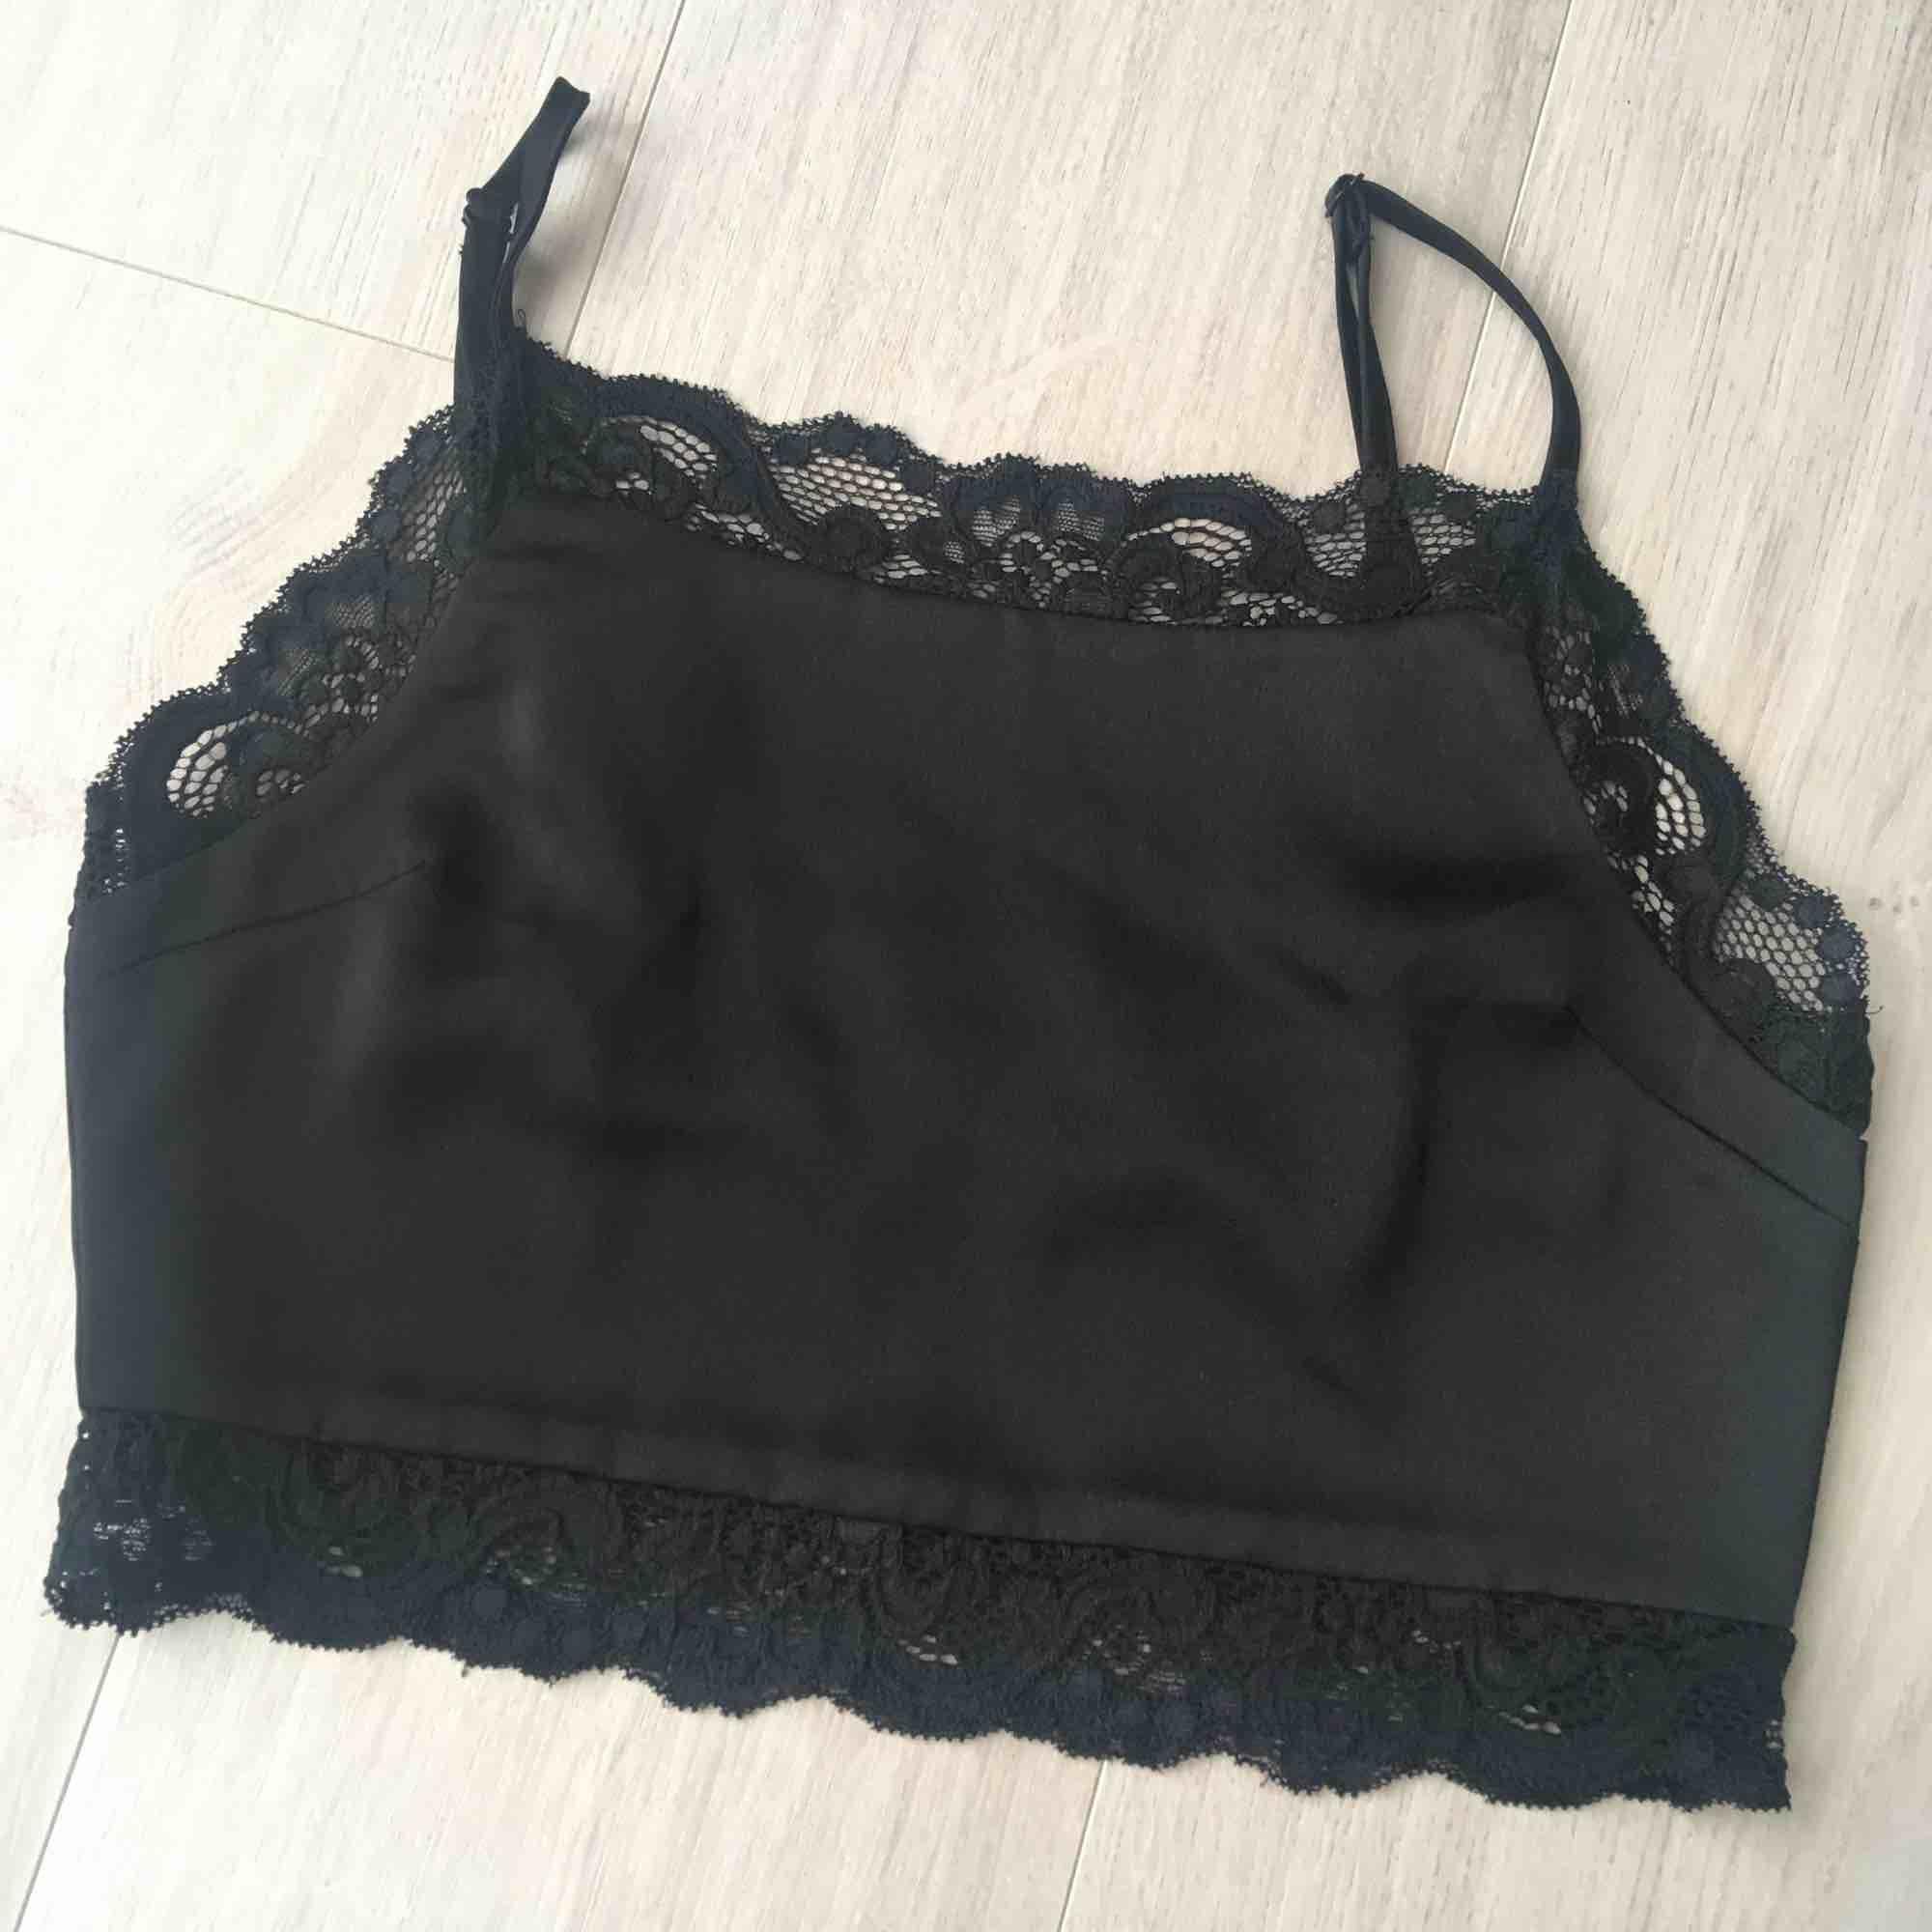 Ny svart cropped lace undertröjan från Pamela X NA-KD kollektion. Aldrig använd. Original priset är 299kr.  Frakt är plus 10kr.. Toppar.